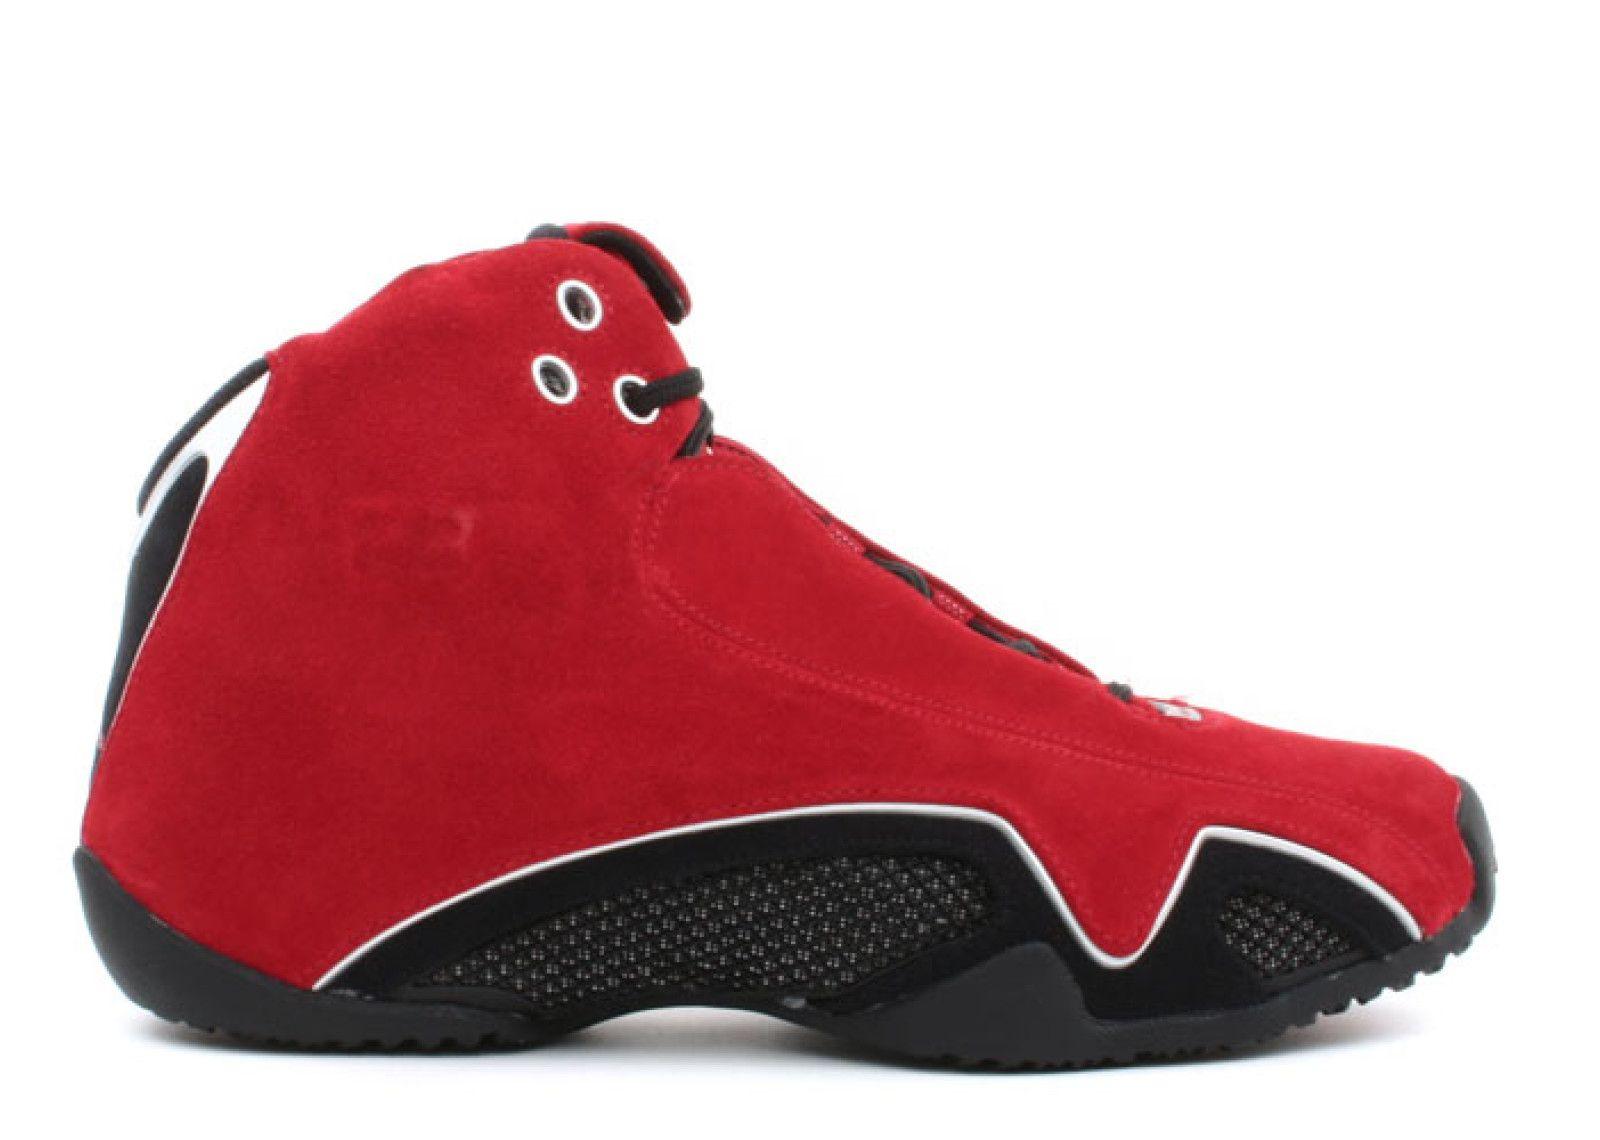 8a9b06a3027bf7 Fightclub.com - Red Suede Air Jordan 21